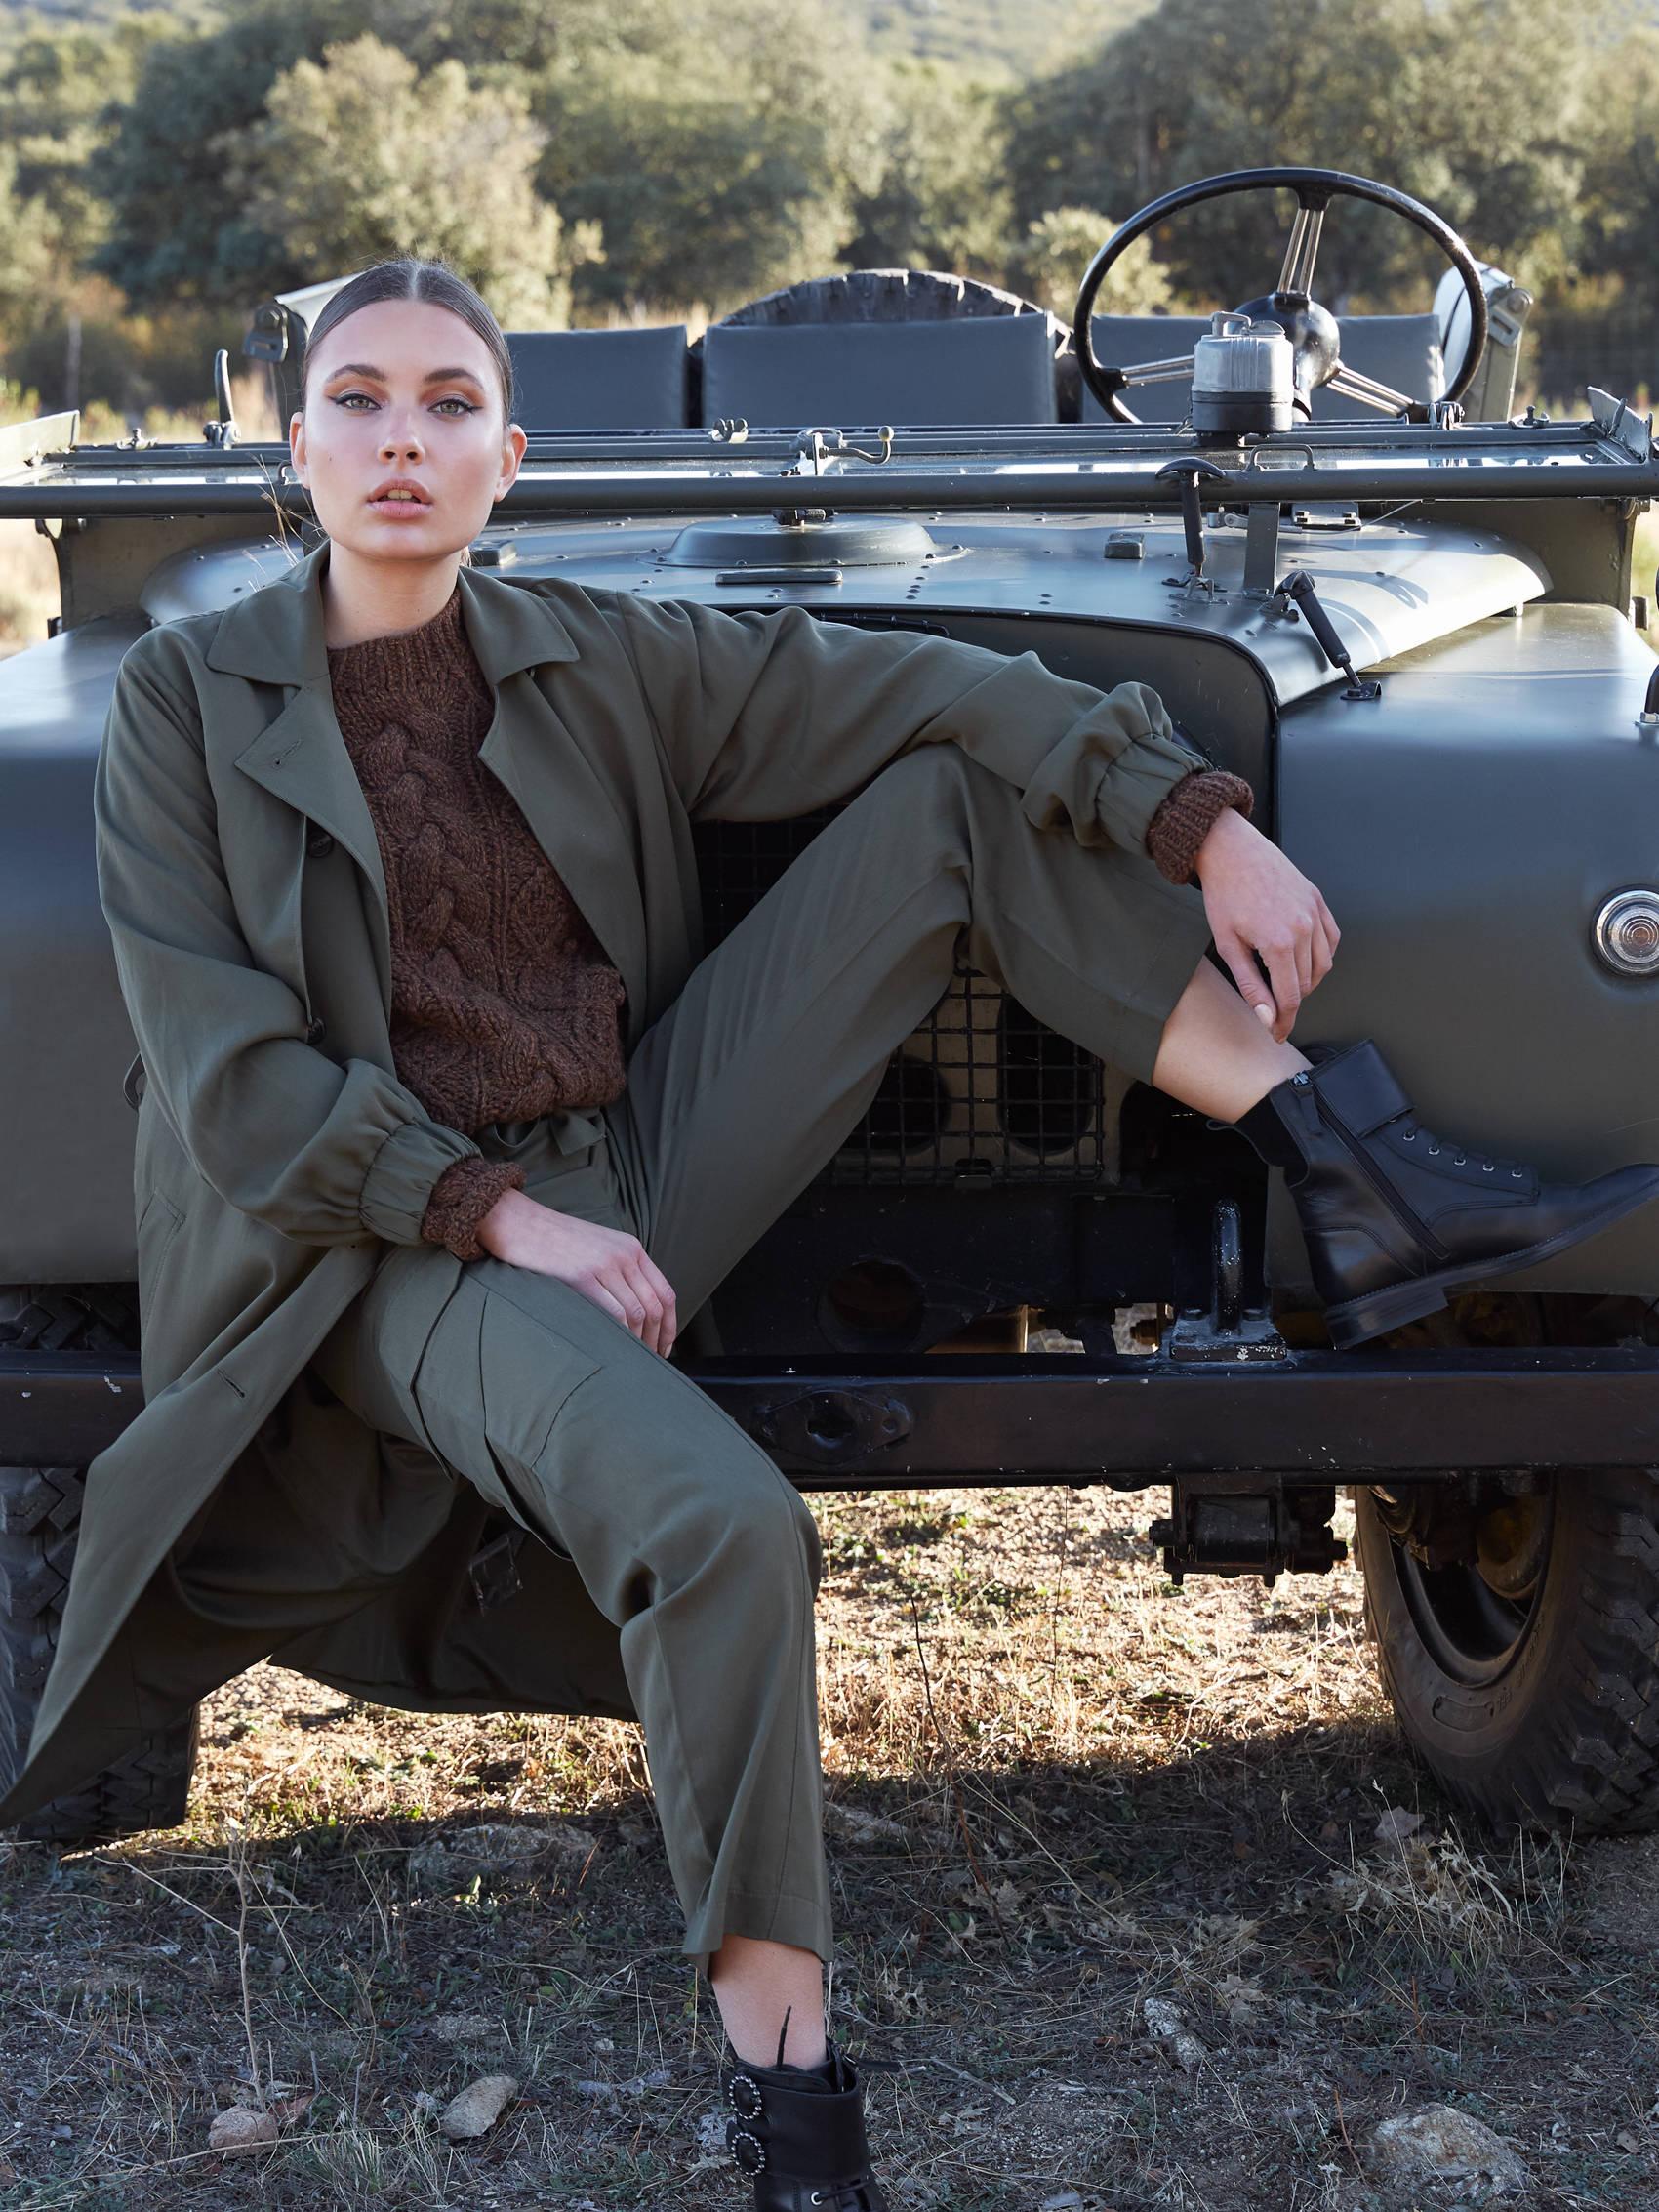 Militar Cool